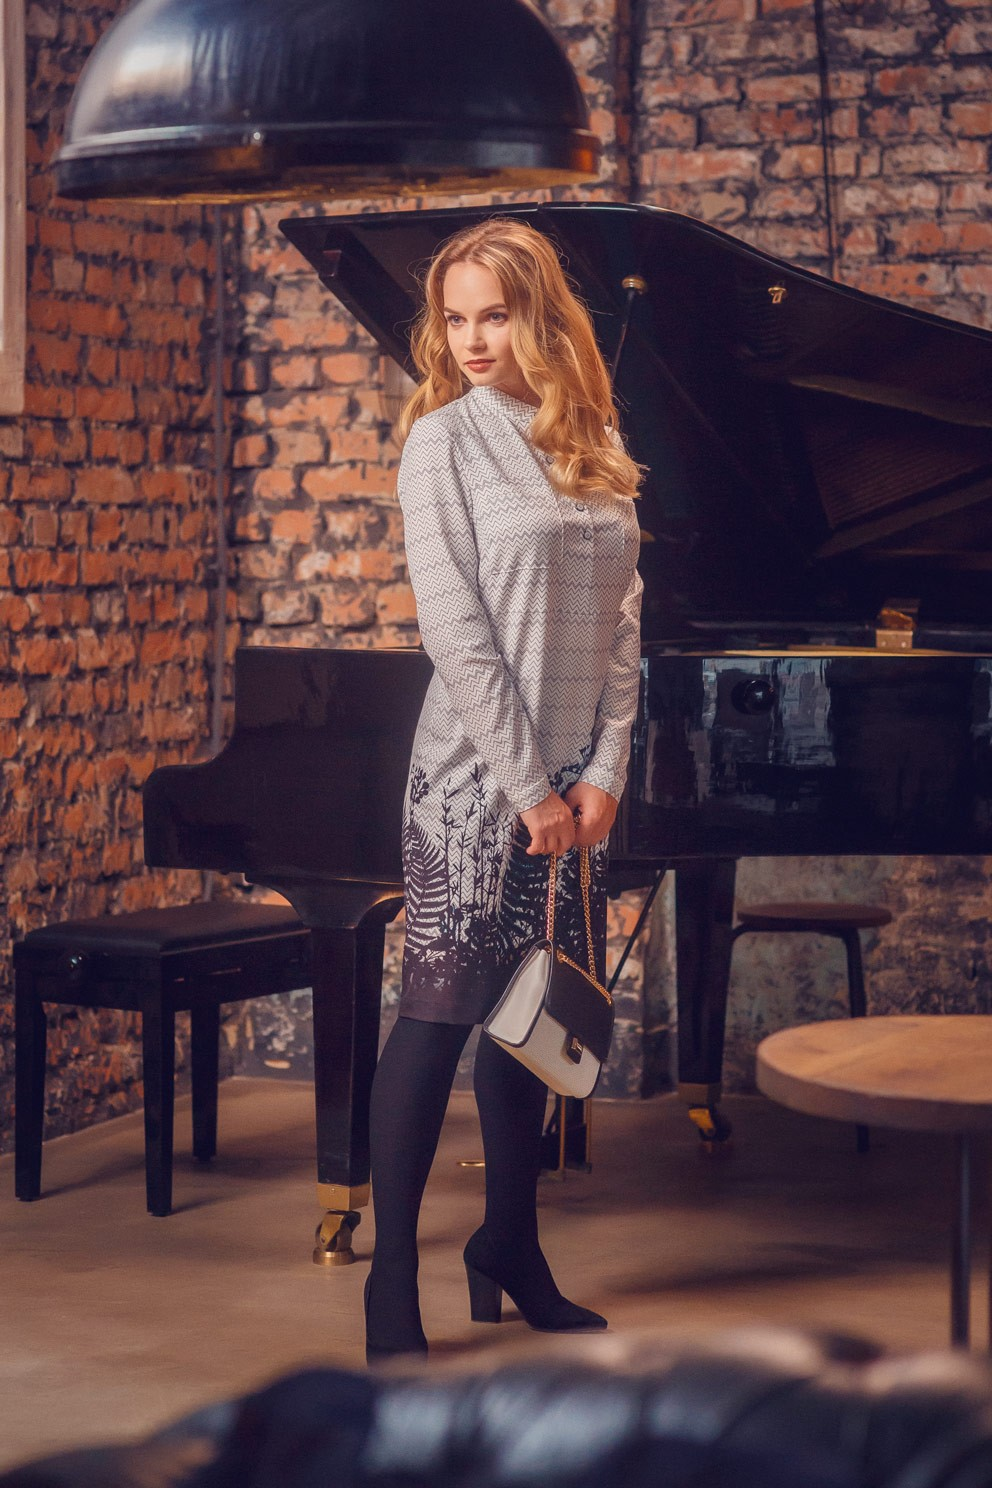 Сбор заказов. Цены еще ниже!!!Супер-распродажа на все коллекции,супер-низкие цены!!! Романтичная, натуральная, всегда красивая белорусская Lеntа.Чувственная, нежная, женственная, сводящая с ума-73!!!